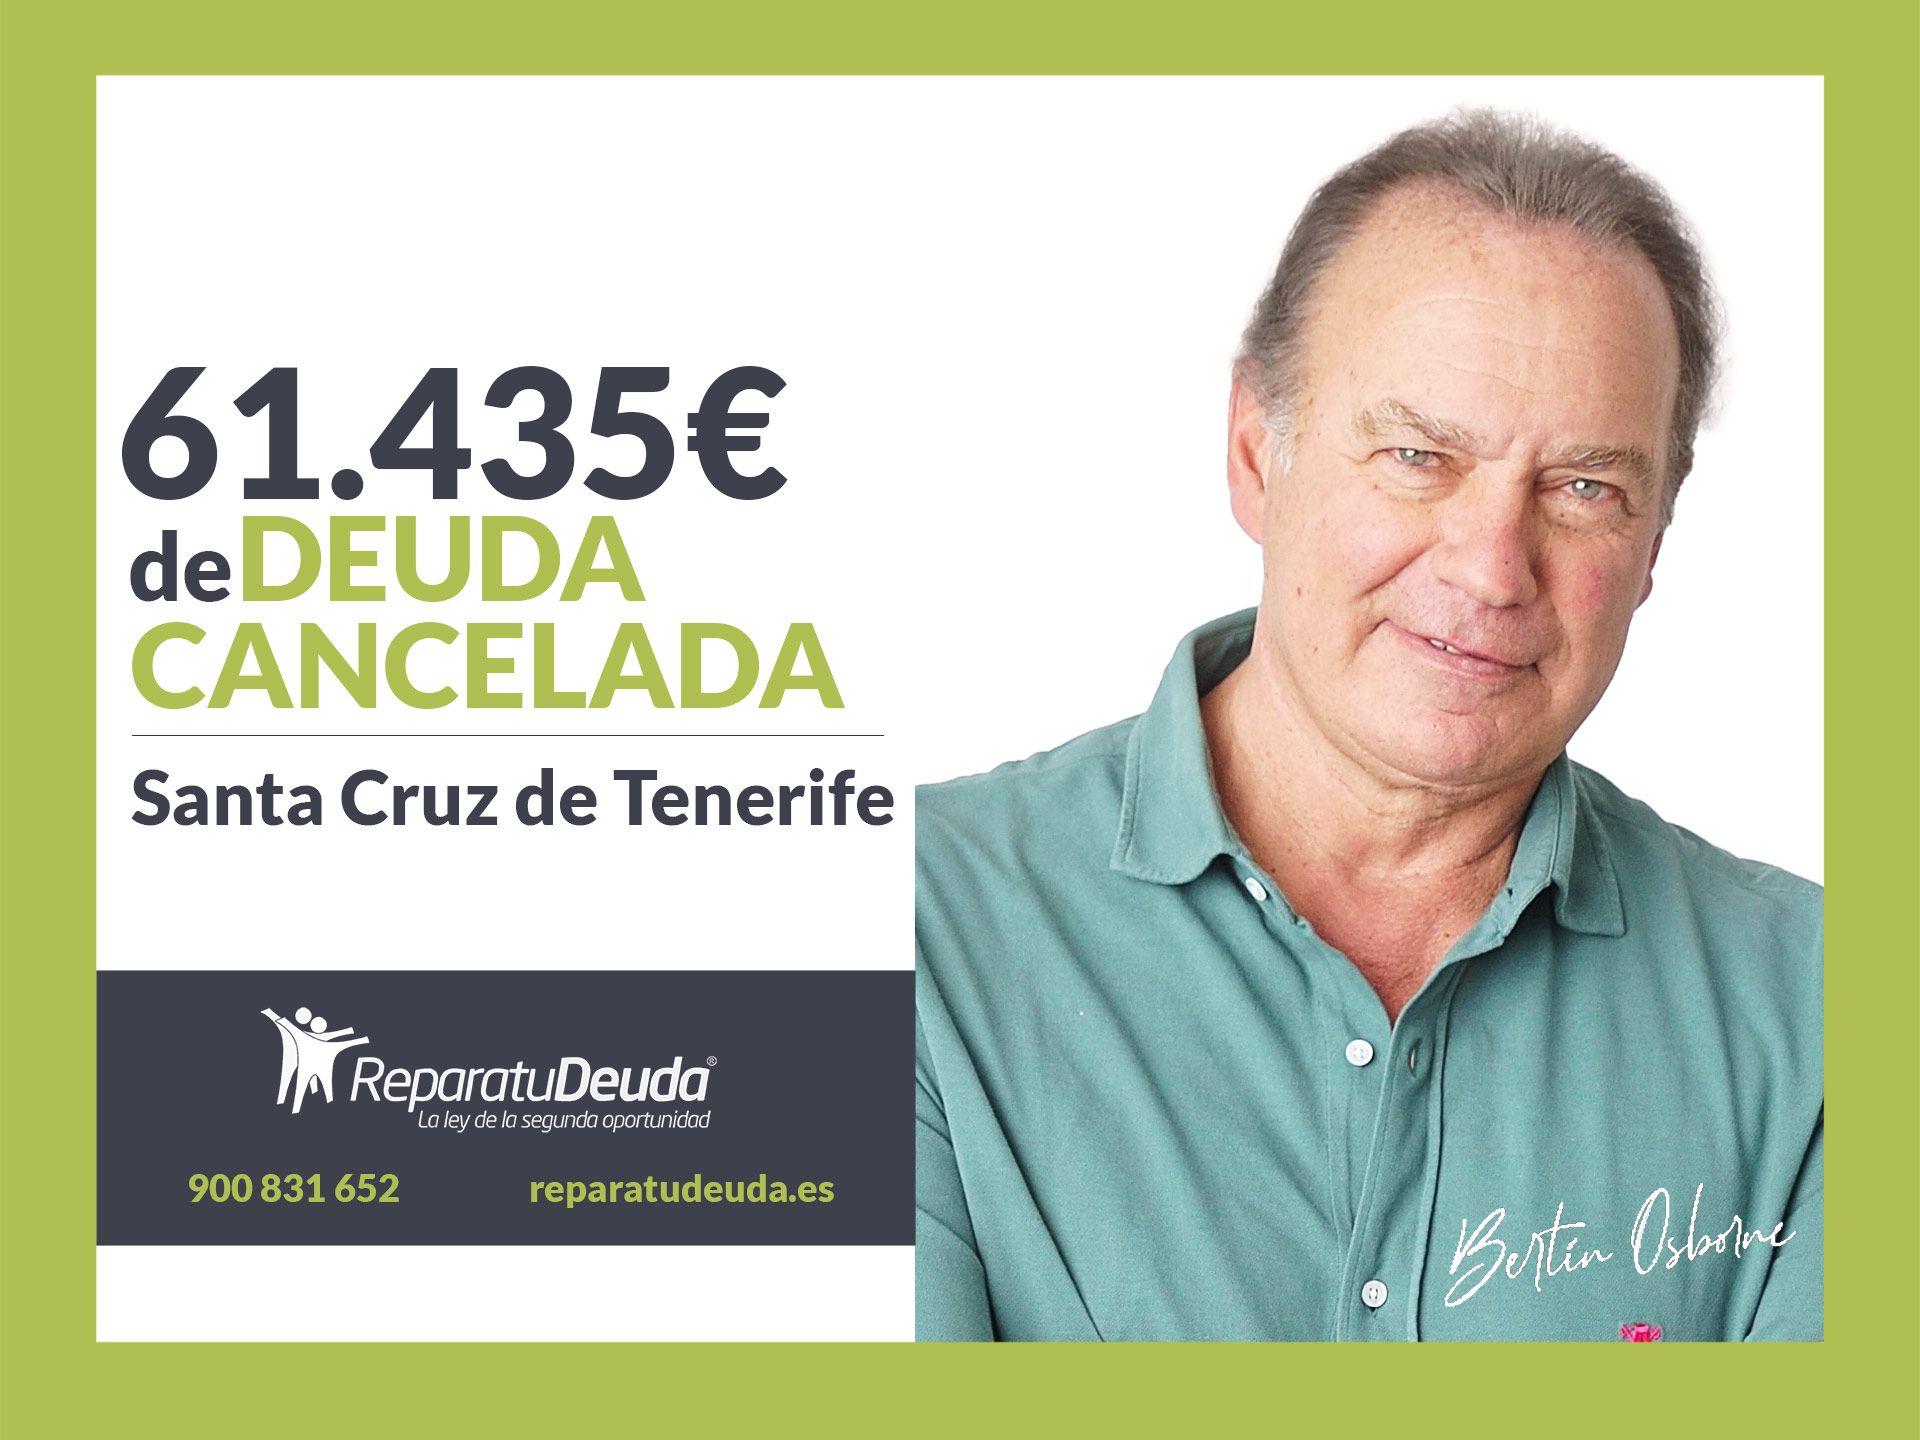 Repara tu Deuda cancela 61.435? en Santa Cruz de Tenerife (Canarias) con la Ley de la Segunda Oportunidad